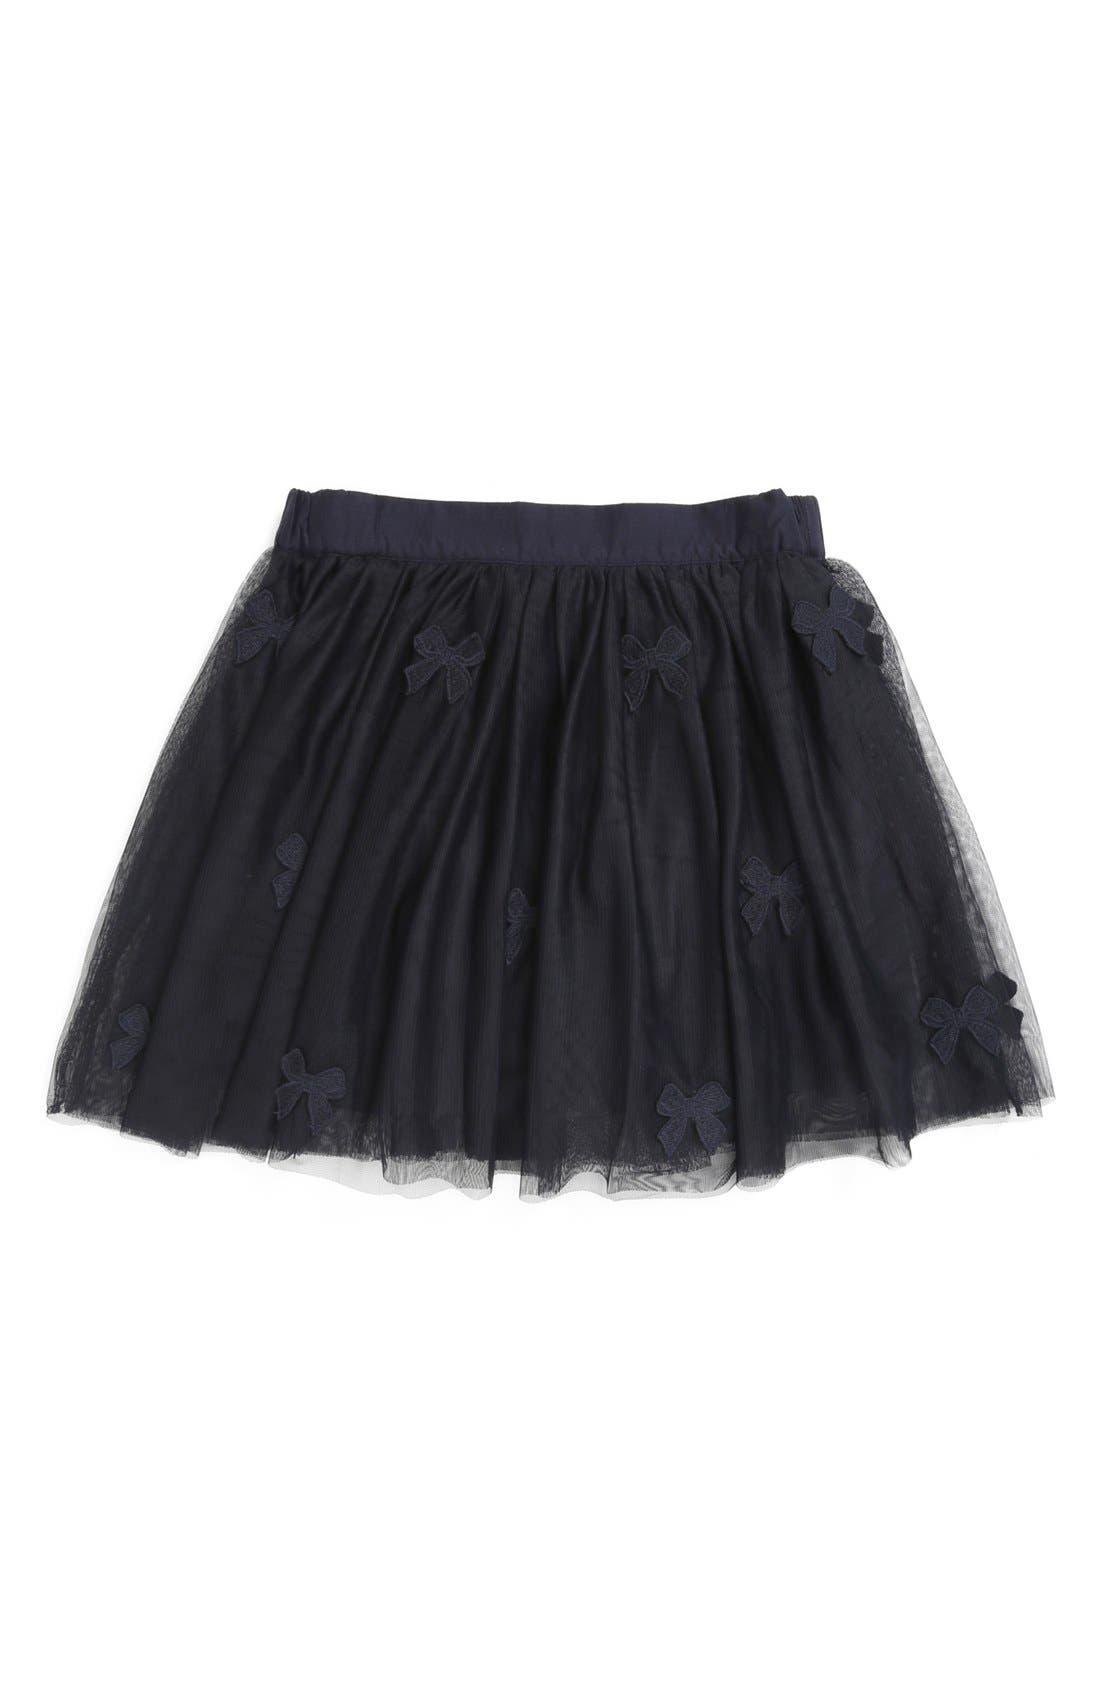 Main Image - Stella McCartney Kids 'Honey' Tulle Skirt (Toddler, Little Girls & Big Girls)